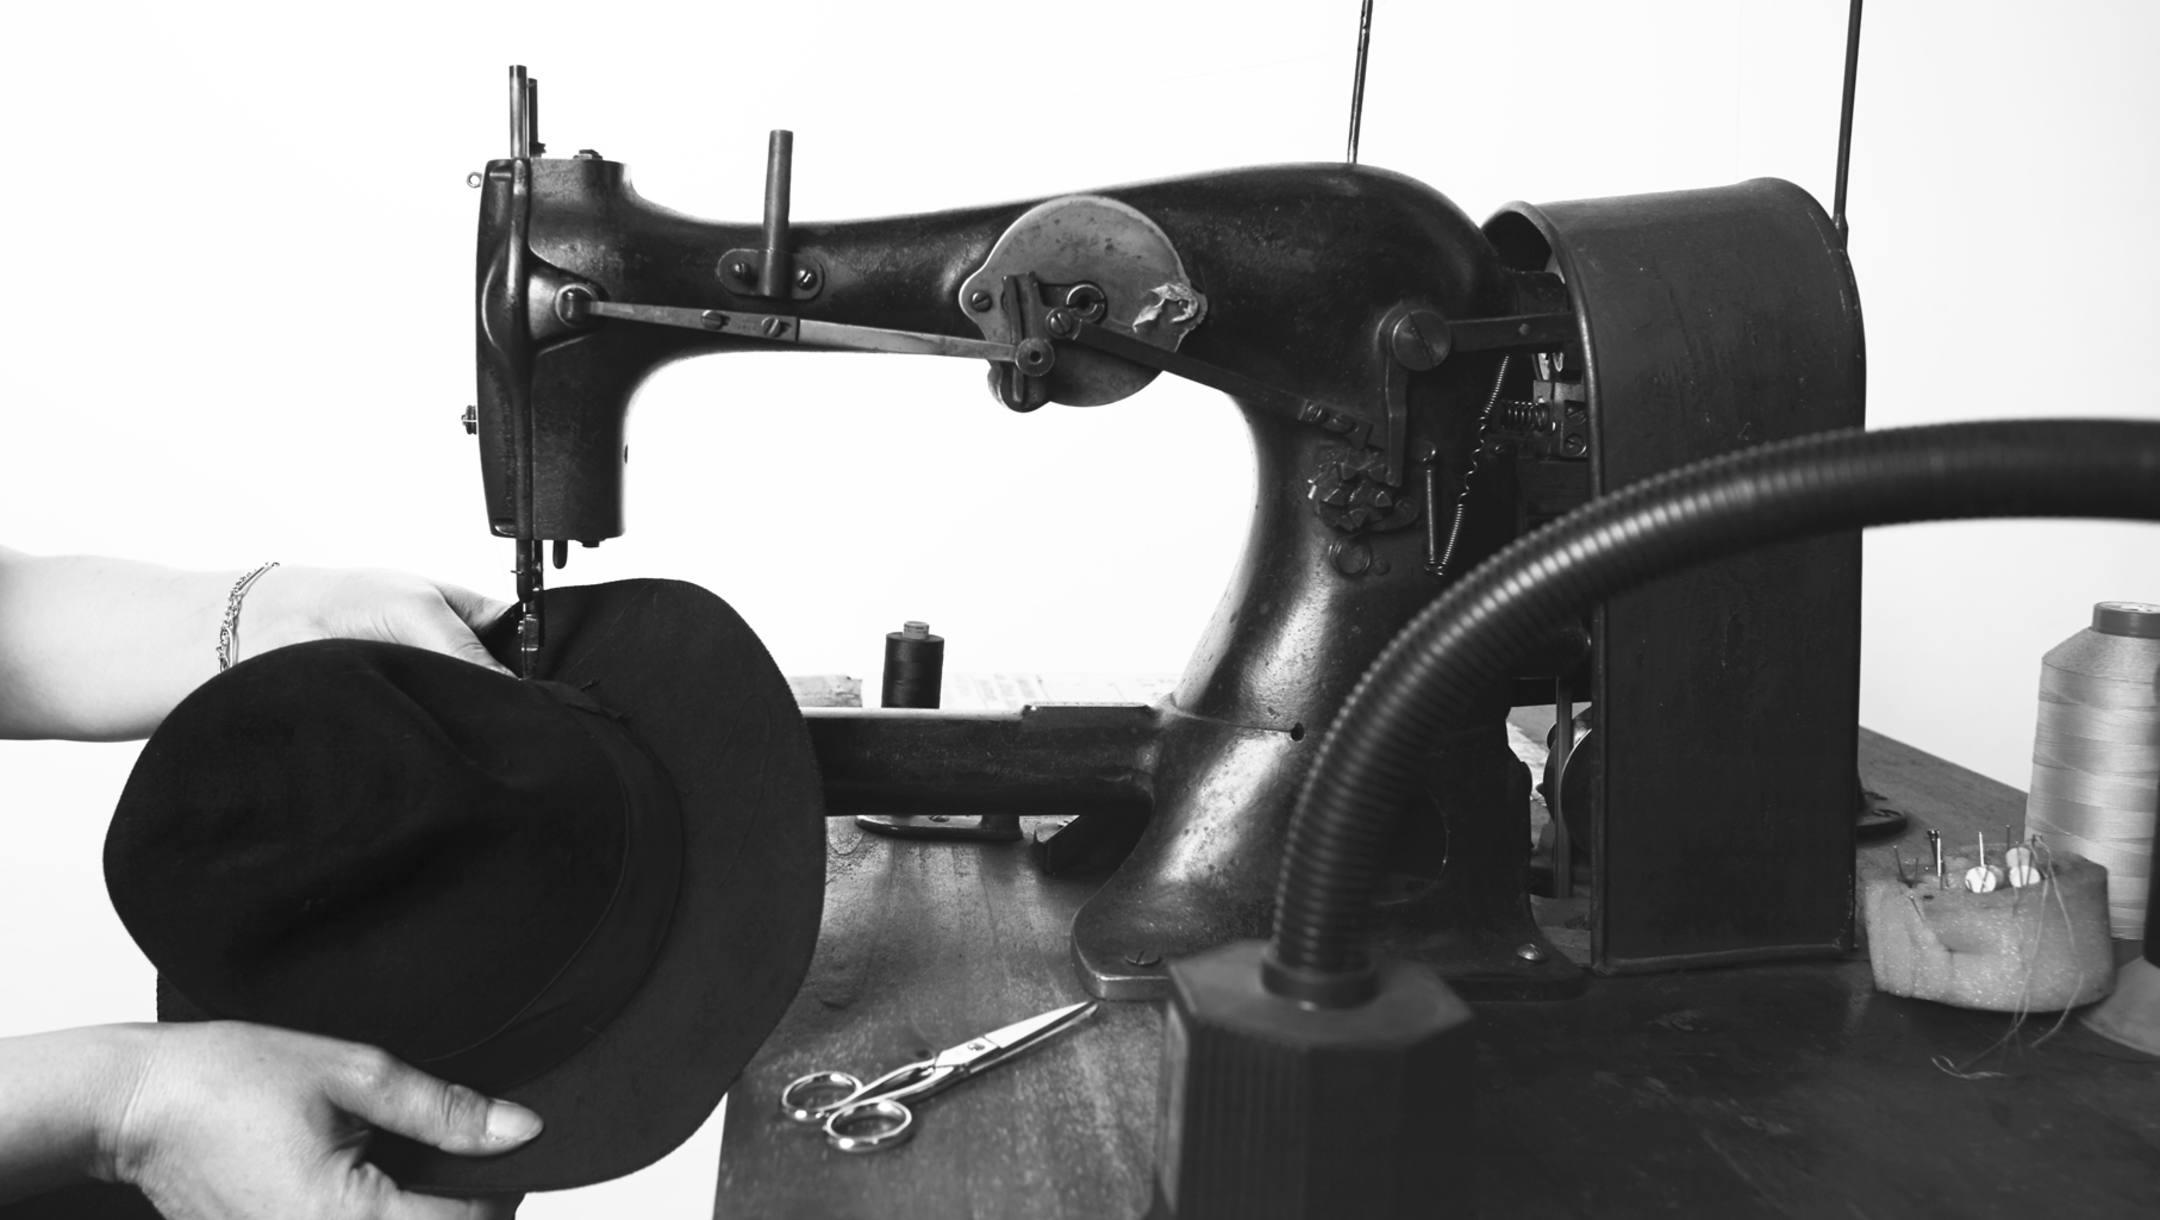 C'est la phase finale qui comprend les dernières étapes: la coupe, la couture de la doublure, gros grain intérieur du chapeau et le gros-grain extérieure;, de l'application de tout autre accessoire.